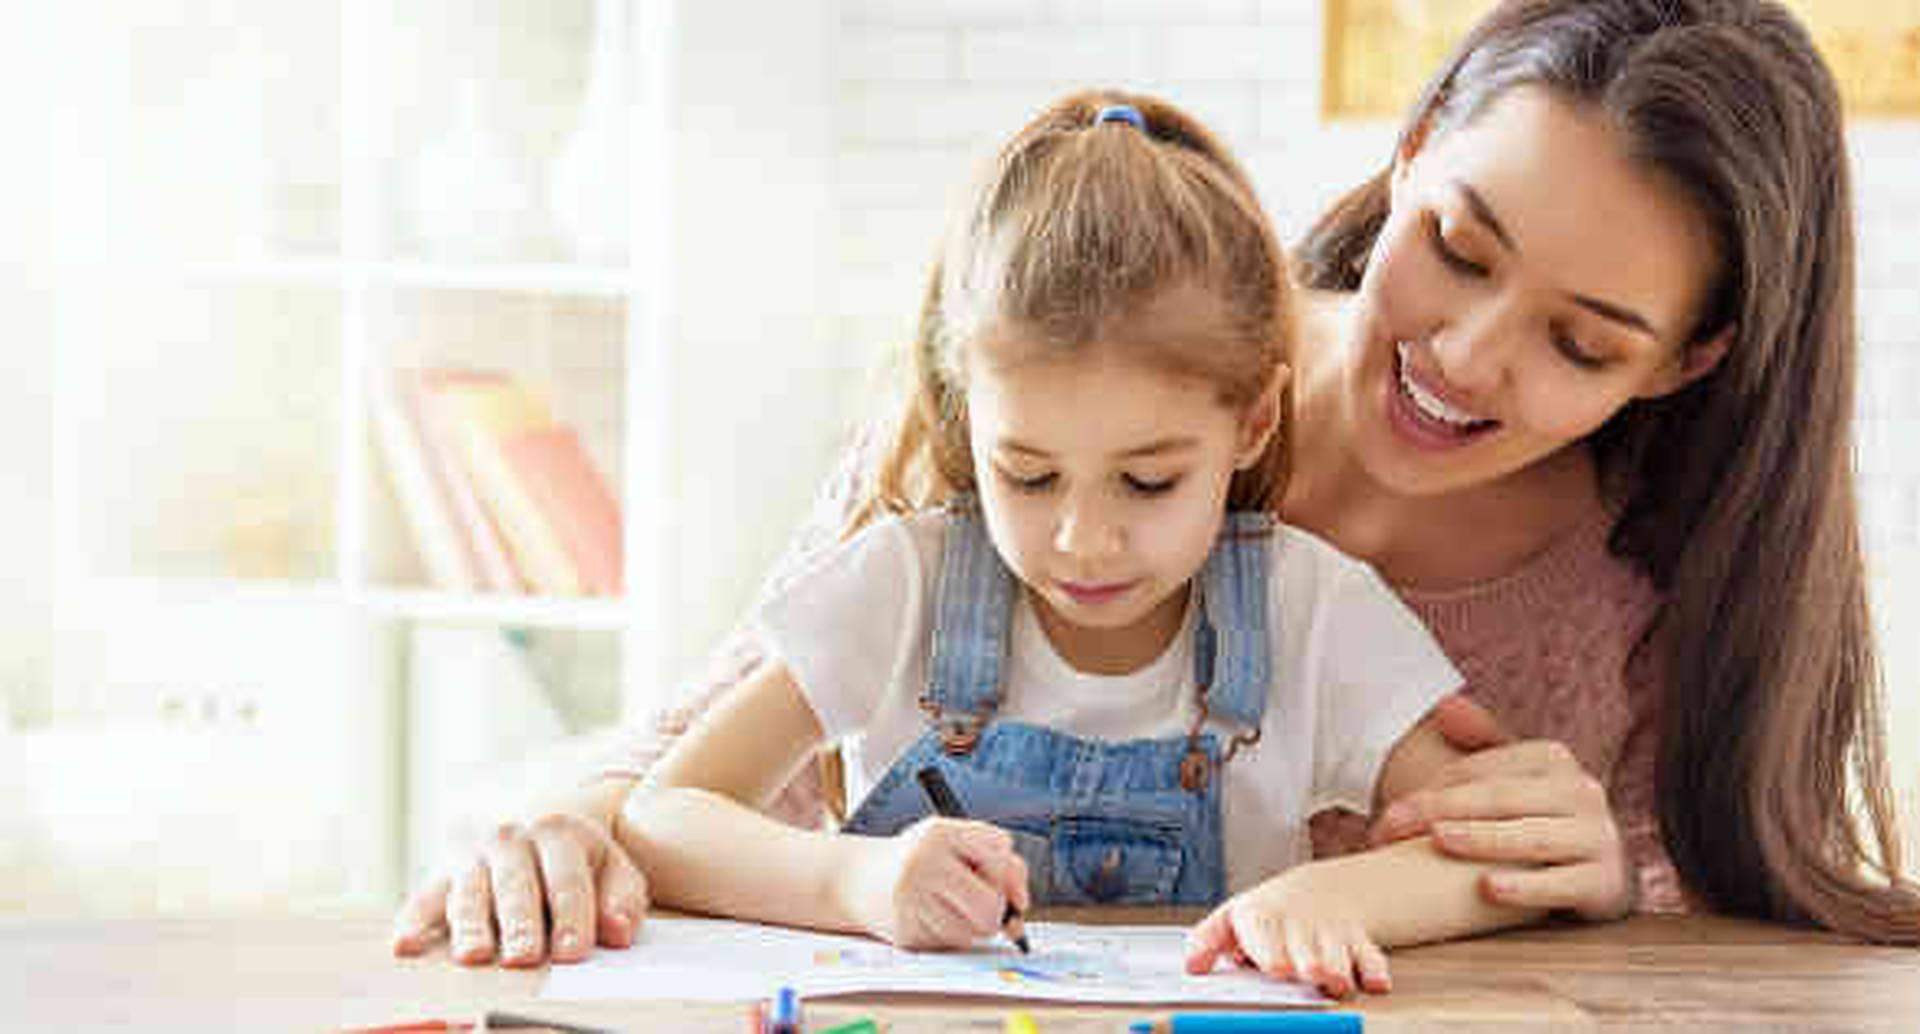 Desde que son pequeños los papás pueden estimular creencias y valores que estén alineados con el conocimiento.